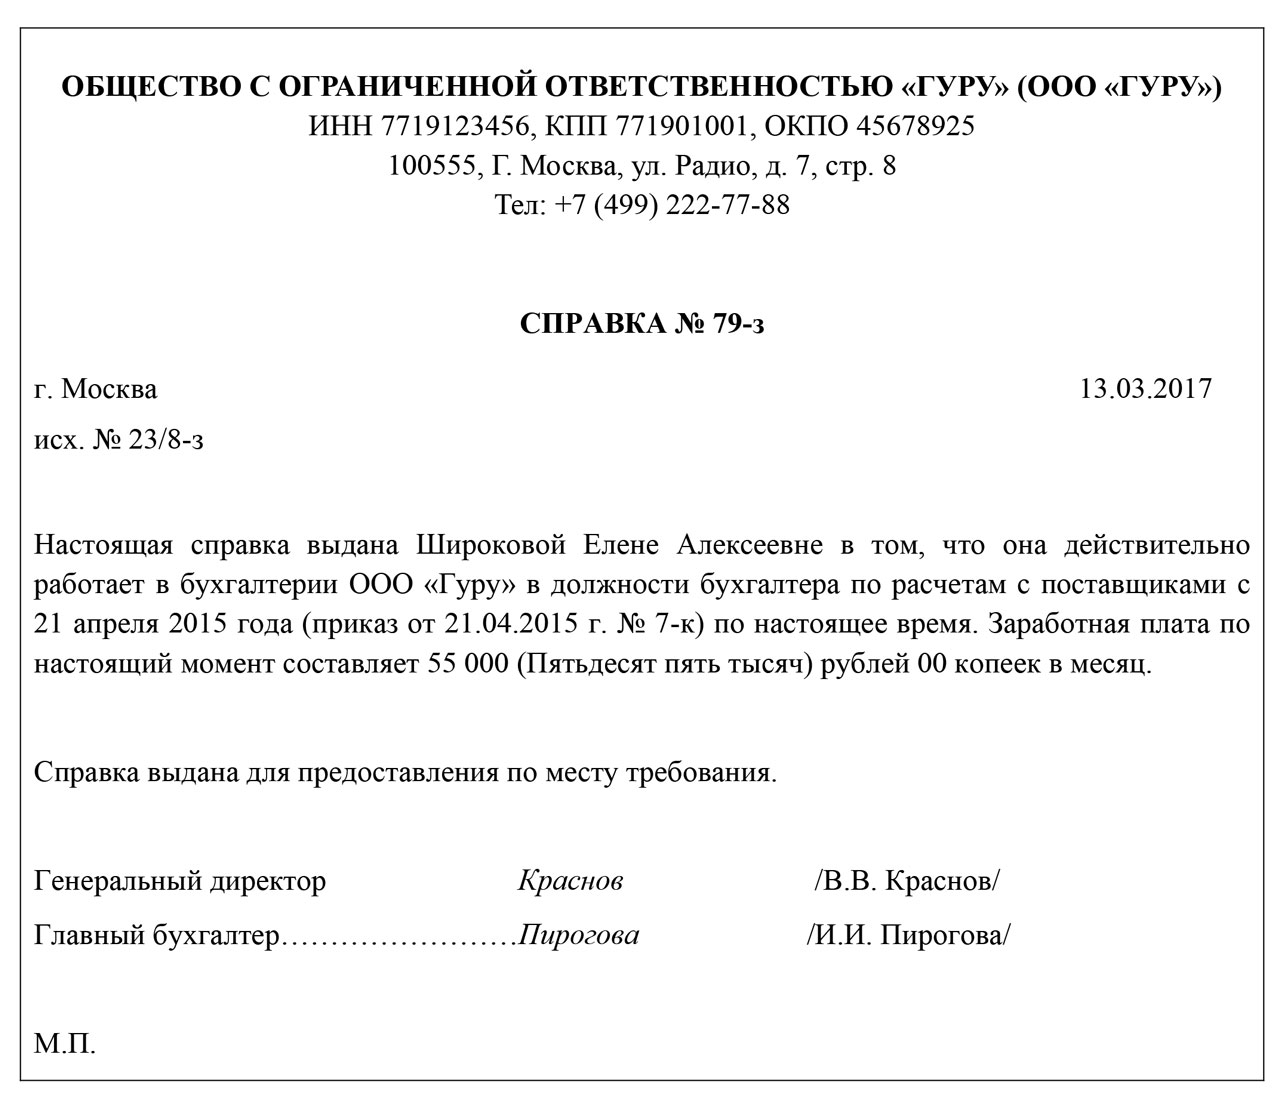 Больничный лист купить официально в Москве Академический сао